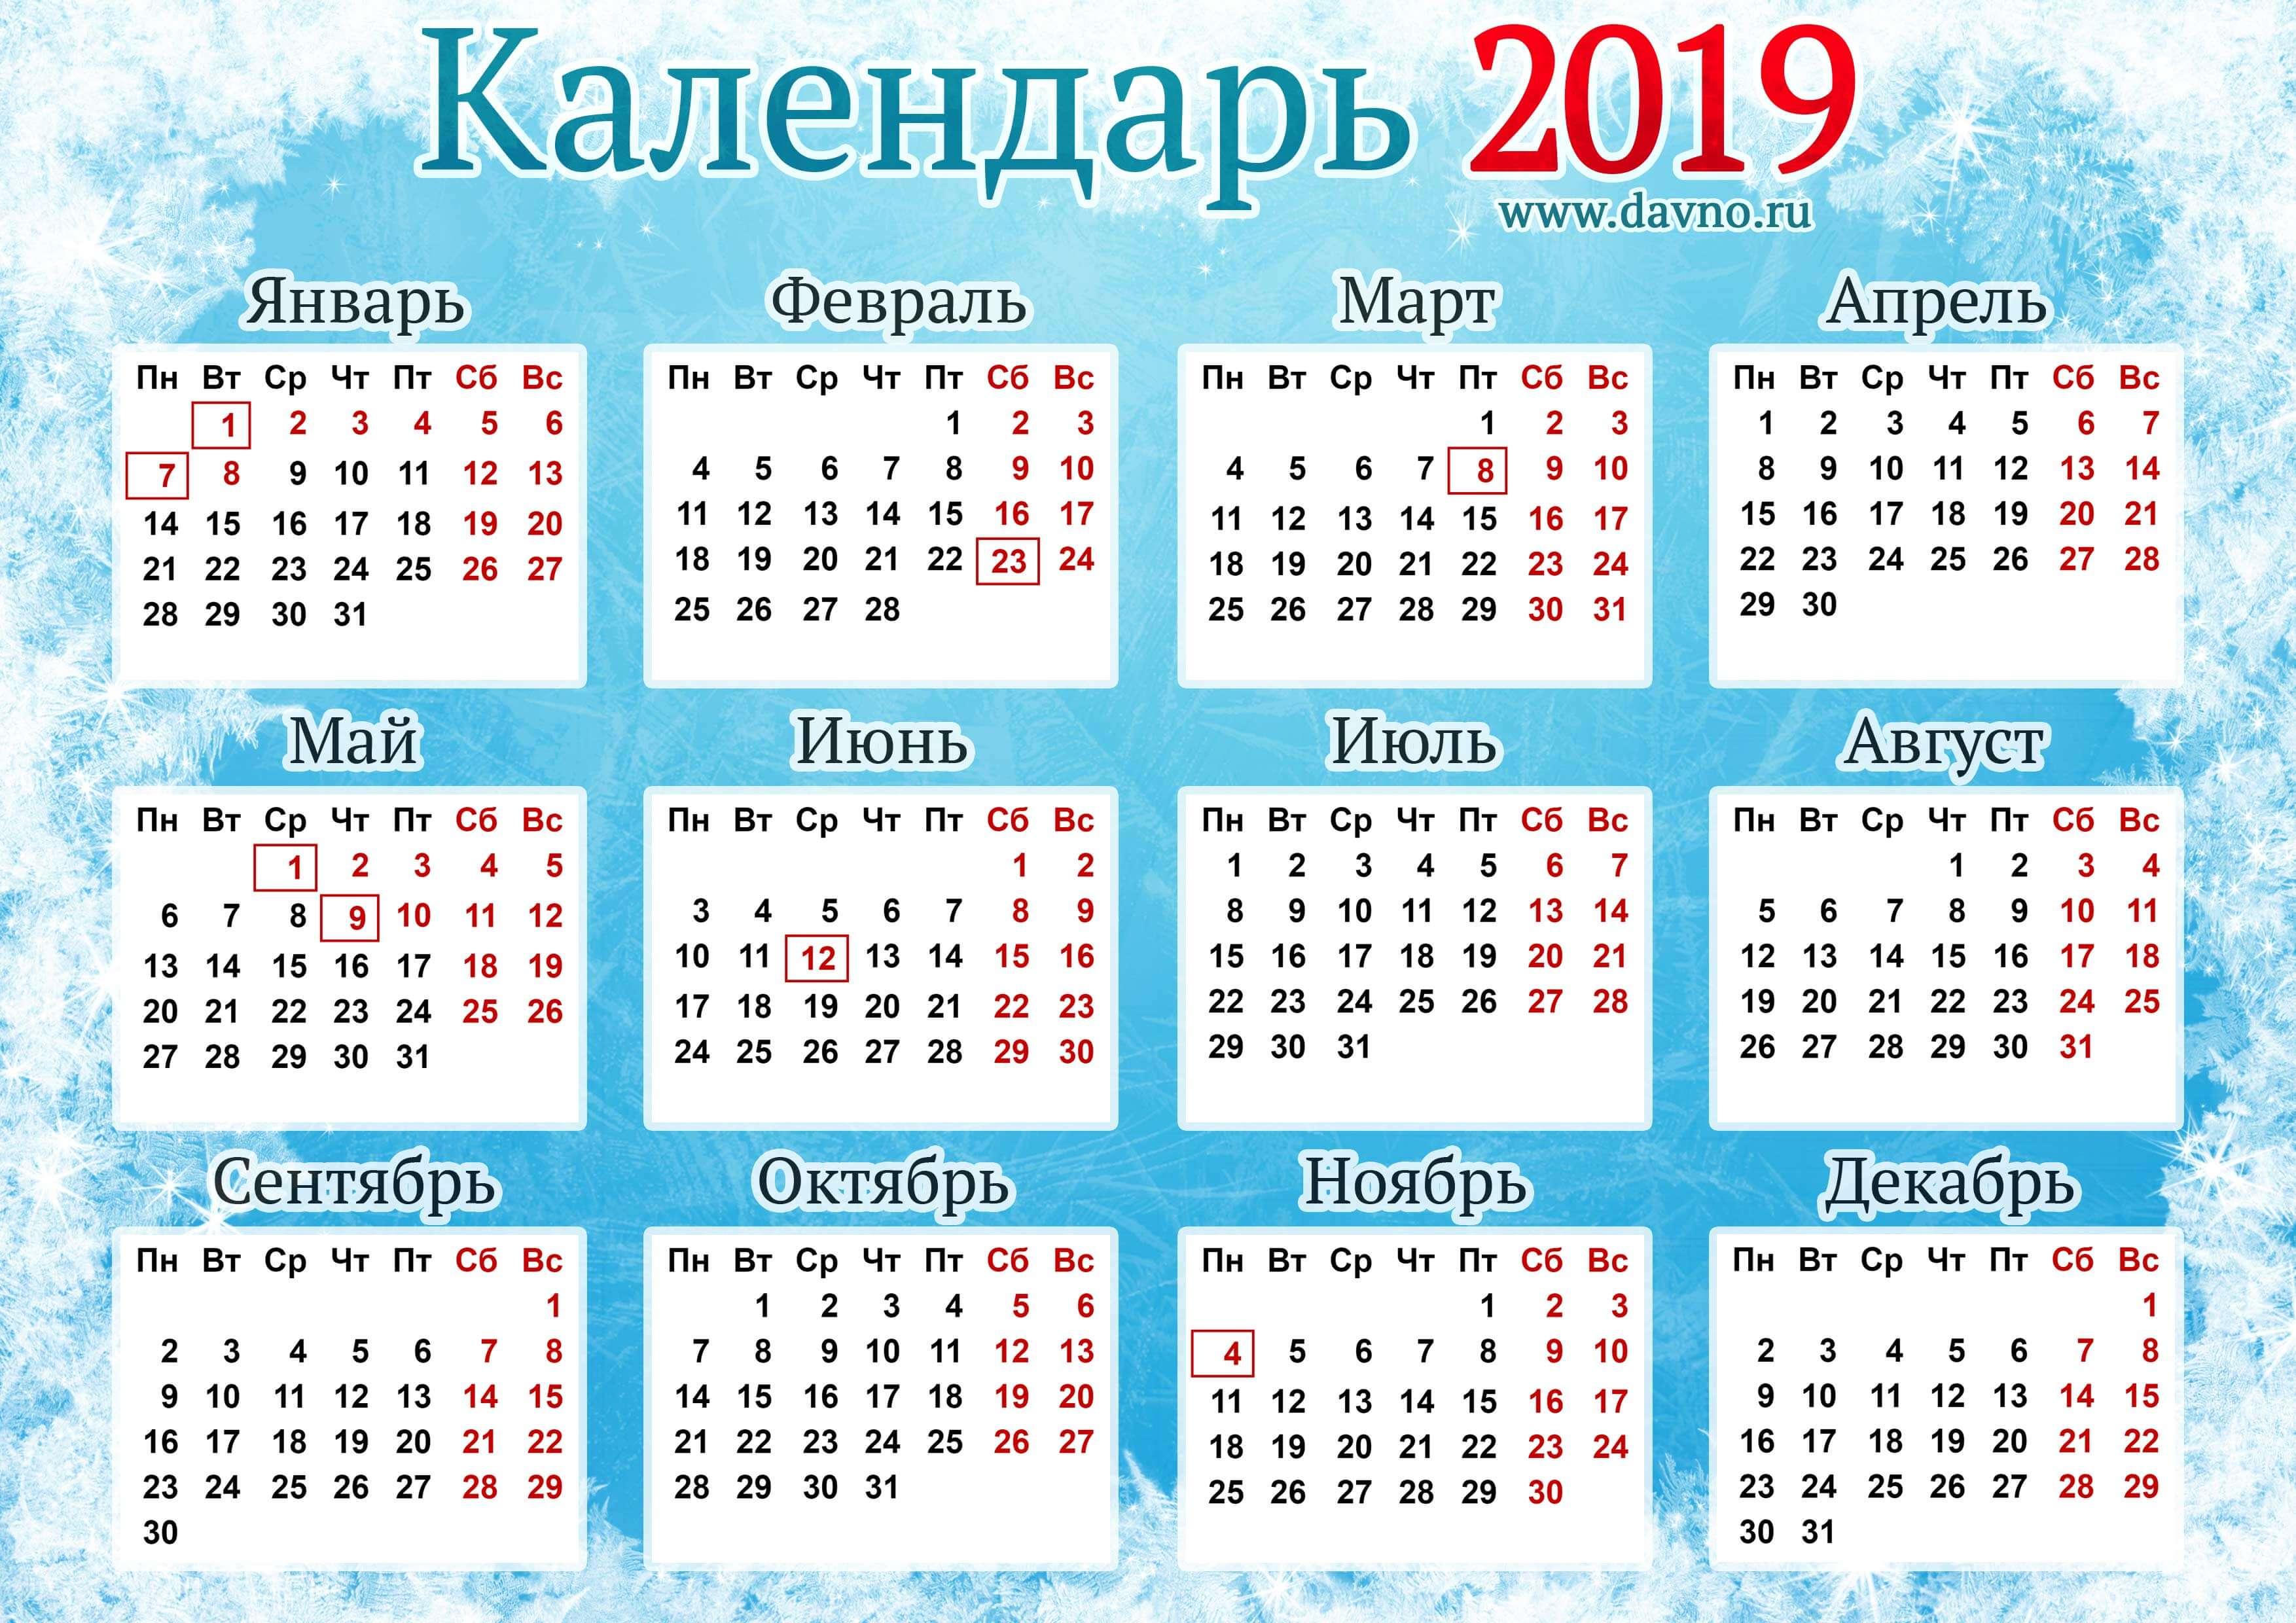 Красивые календари на 2019 год - отличная подборка 6